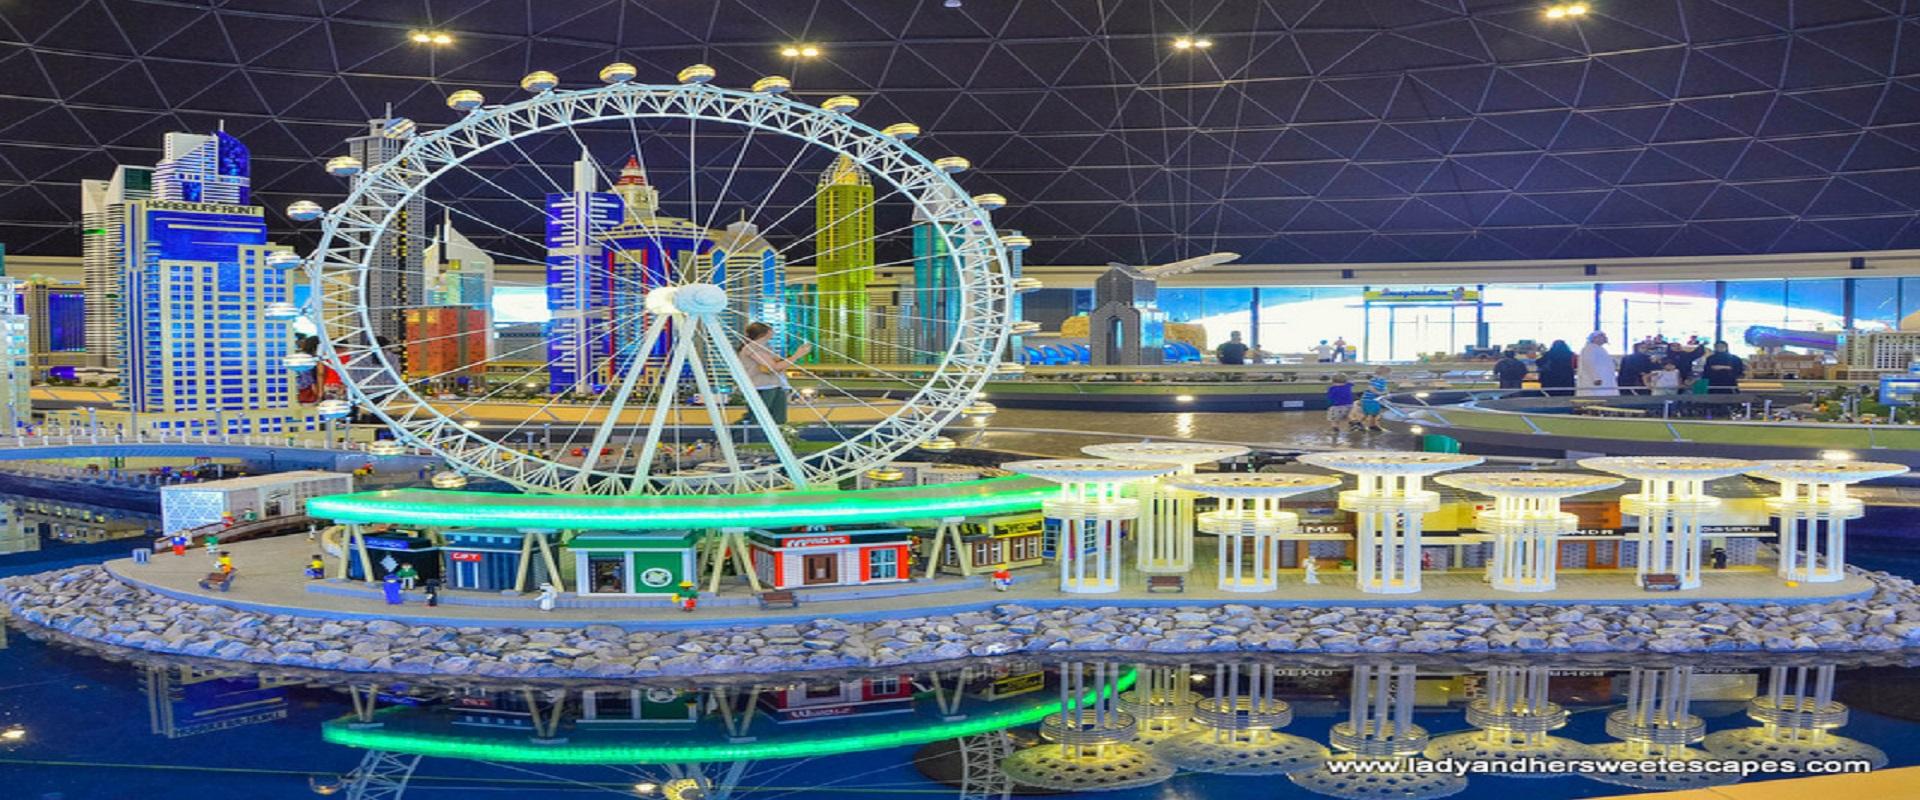 Legoland Theme Park + Dubai Aquarium & Underwater Zoo